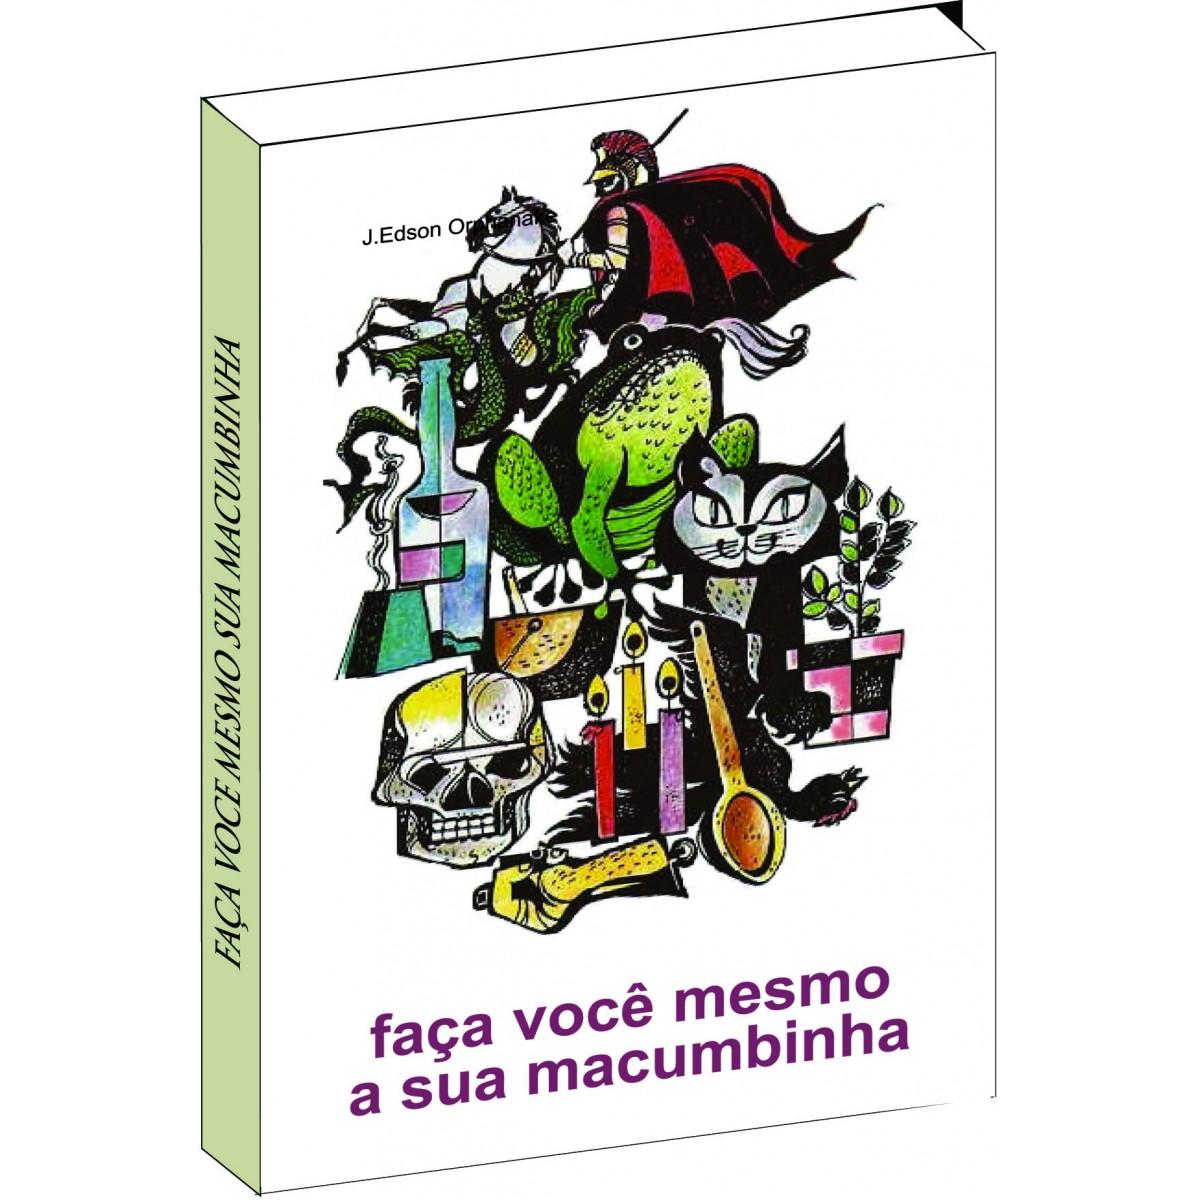 Faça você mesmo a sua macumbinha  - Livropostal Editora